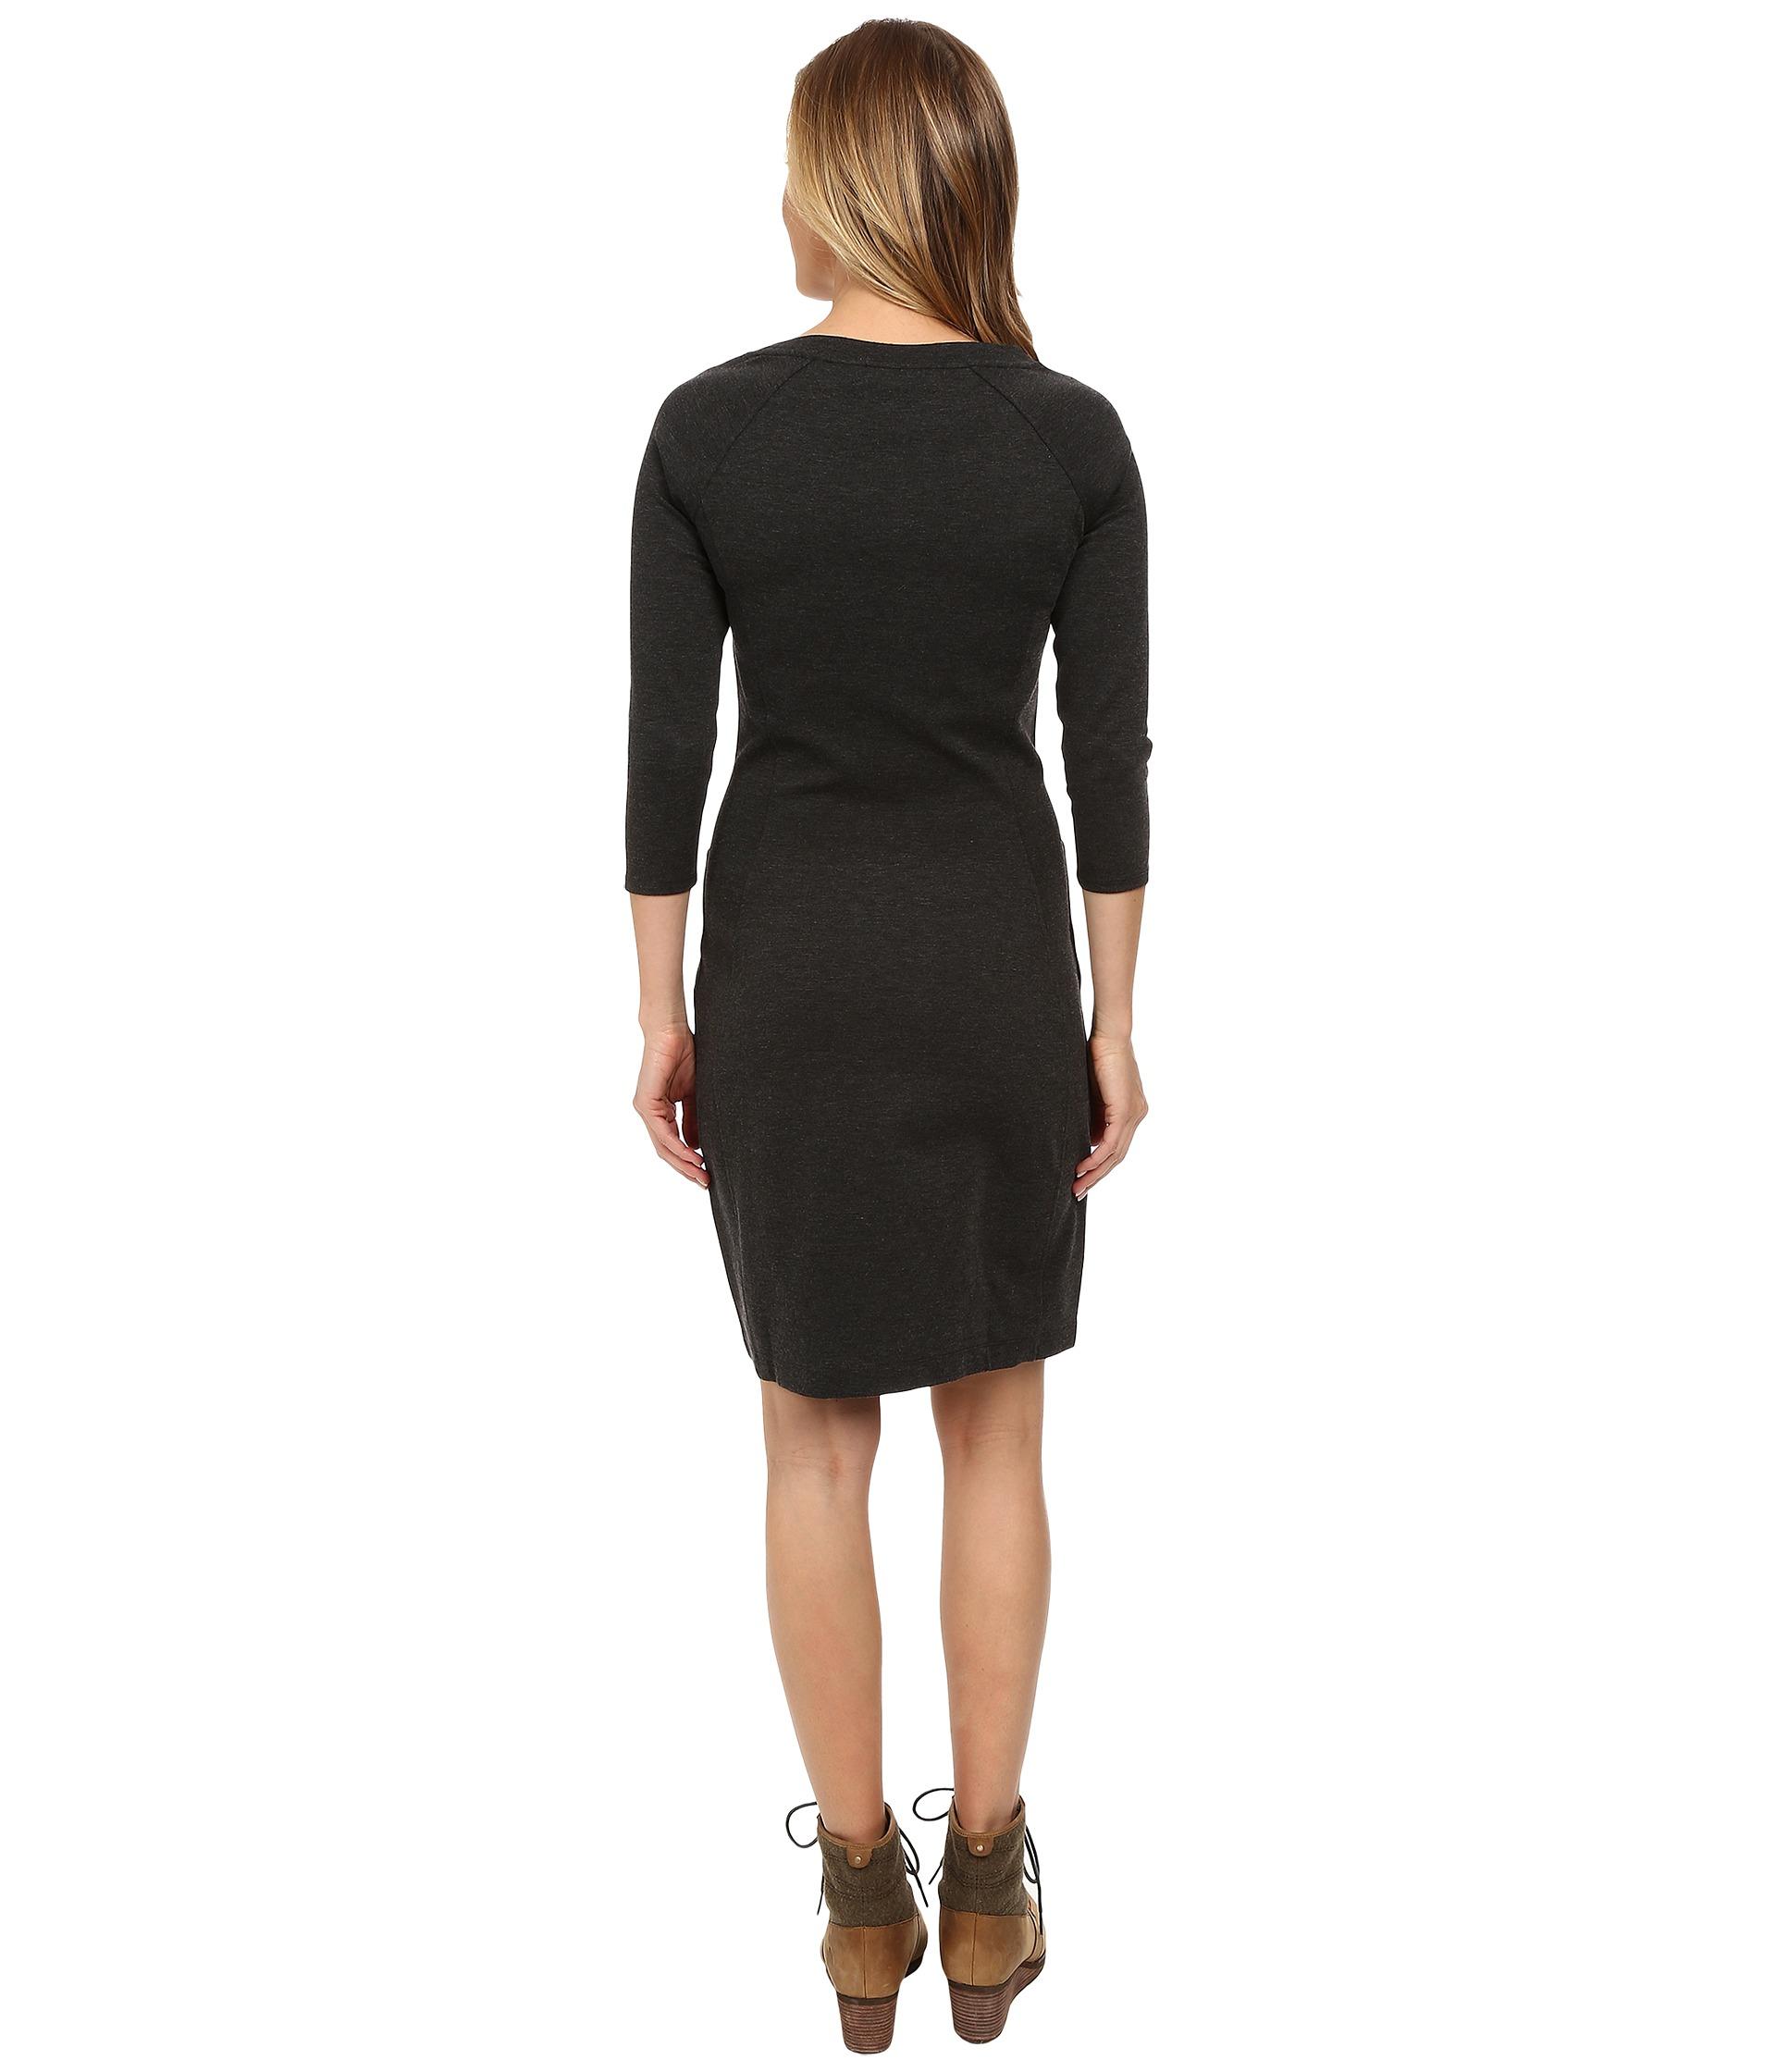 Merrell Ostrova Dress In Black